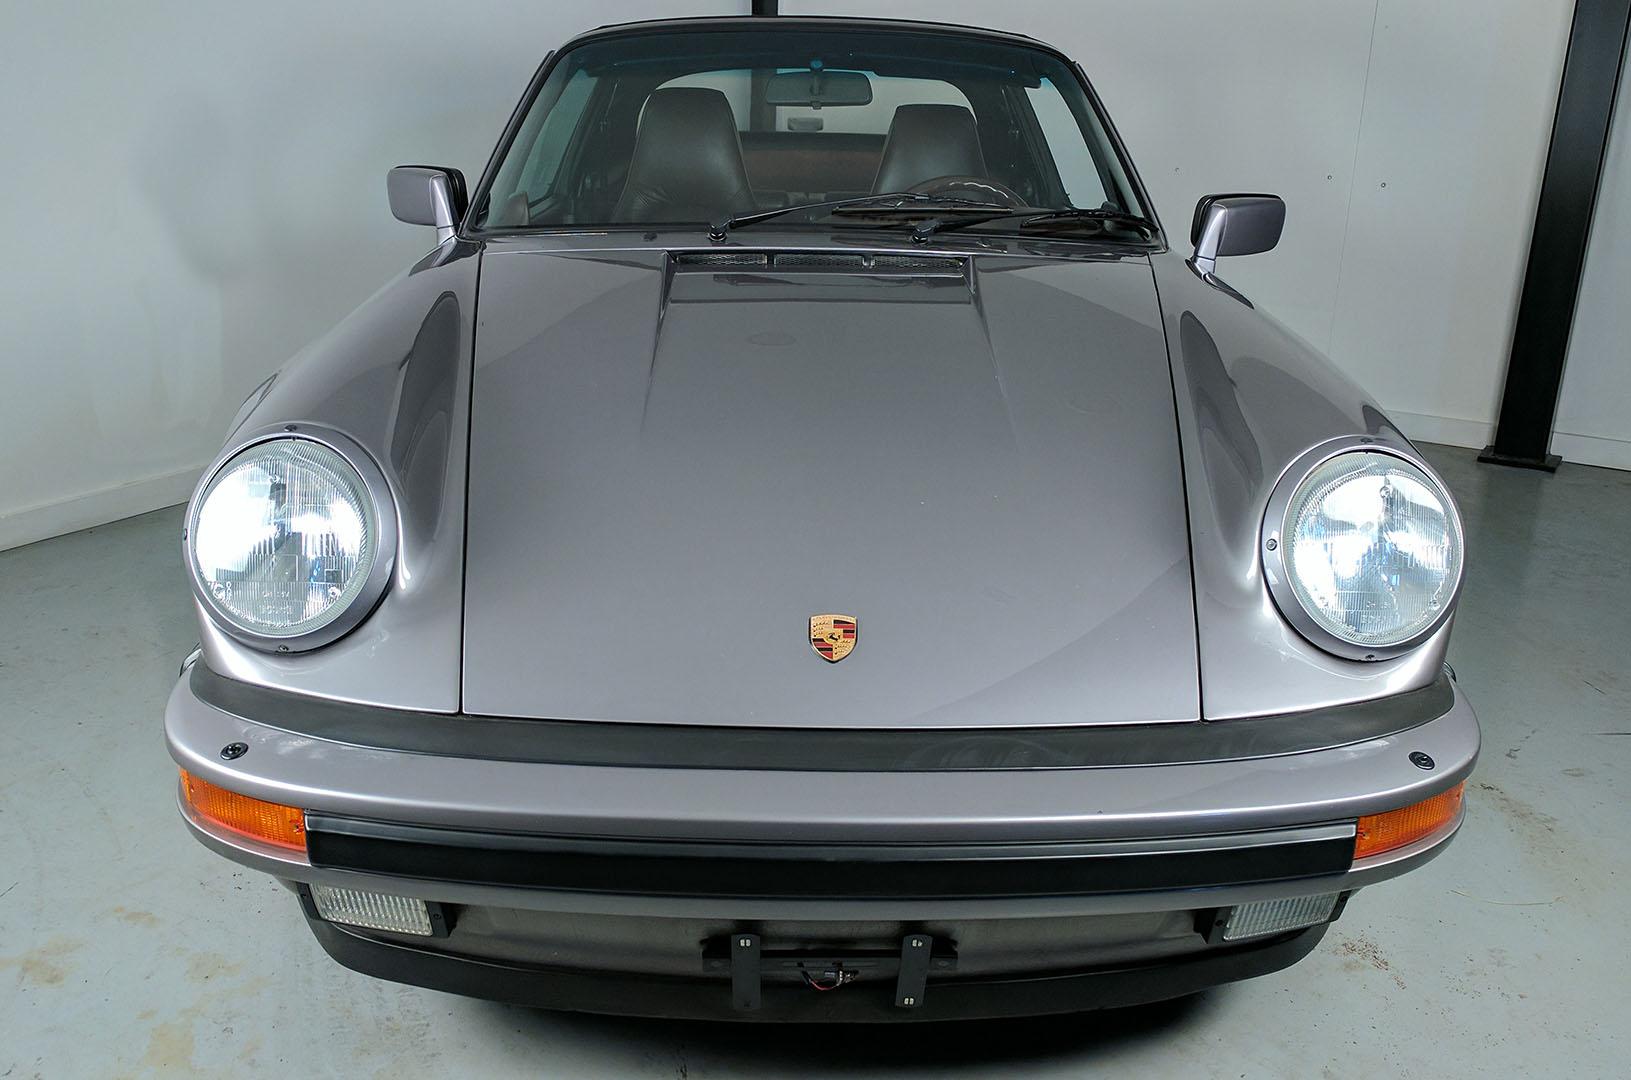 1989G_Porsche_911_Turbo_Cabriolet_Grey_001.jpg